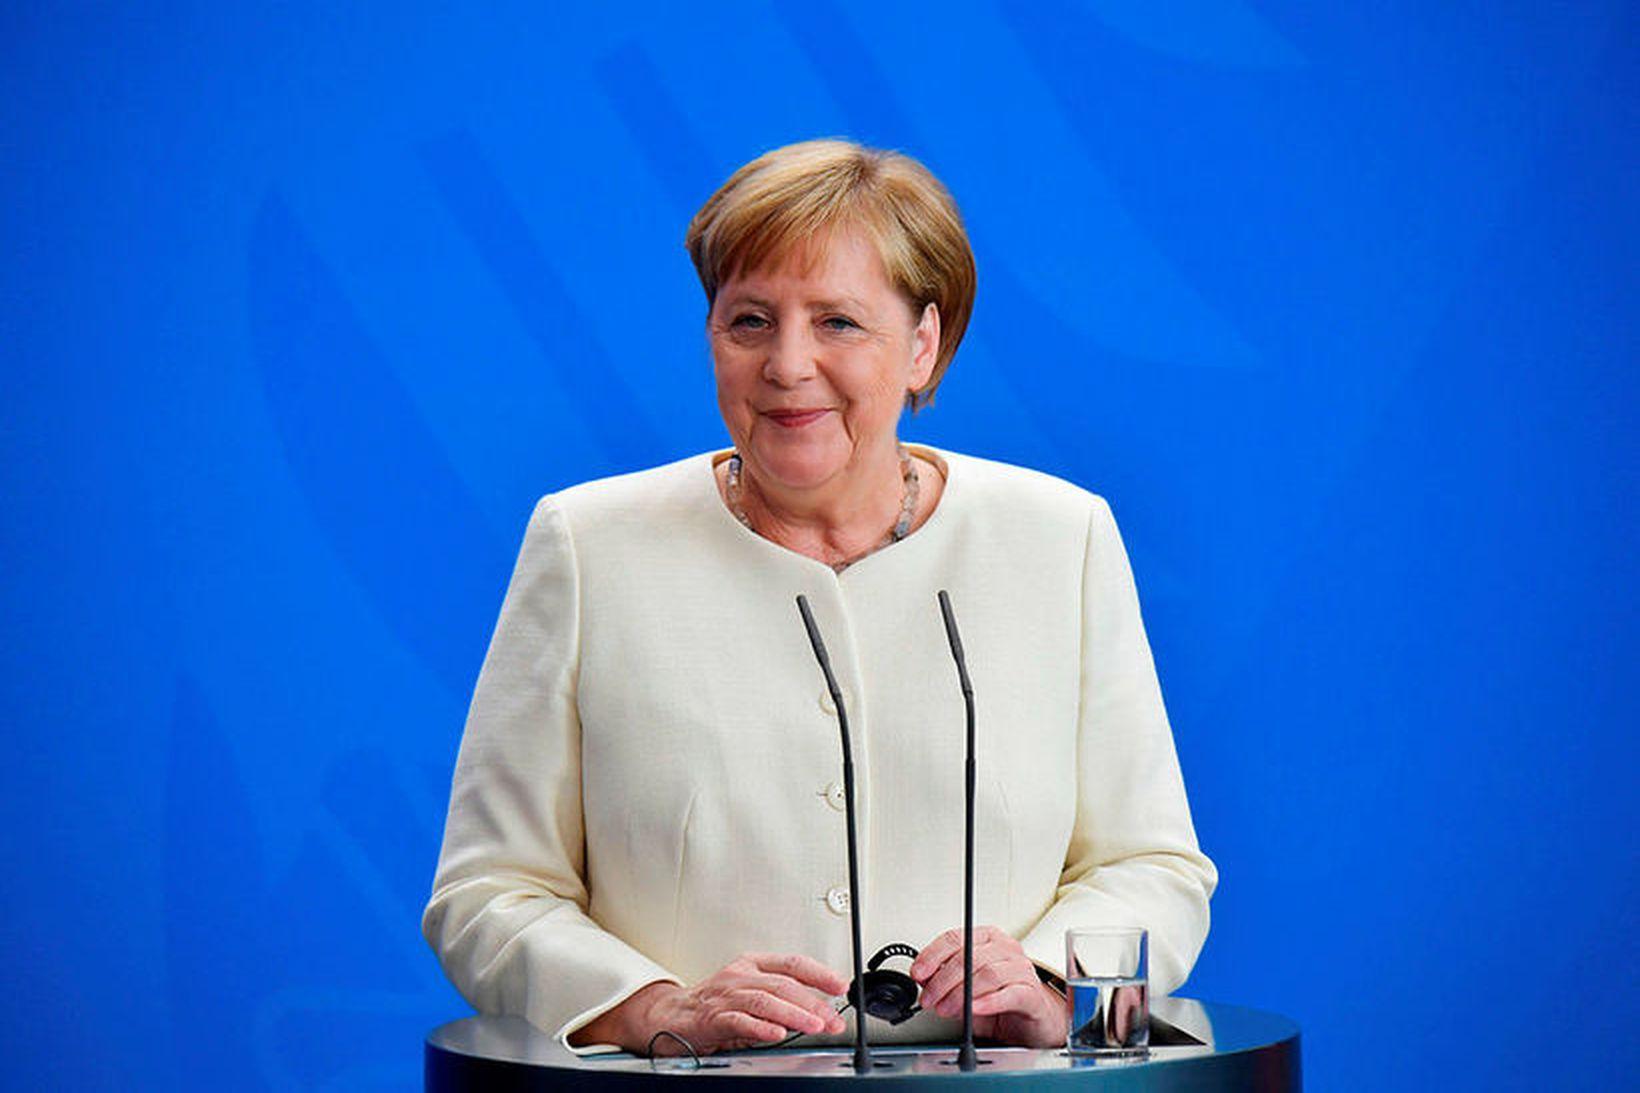 Á myndskeiðunum af Merkel skjálfa sést ekki hvenær hún stendur …